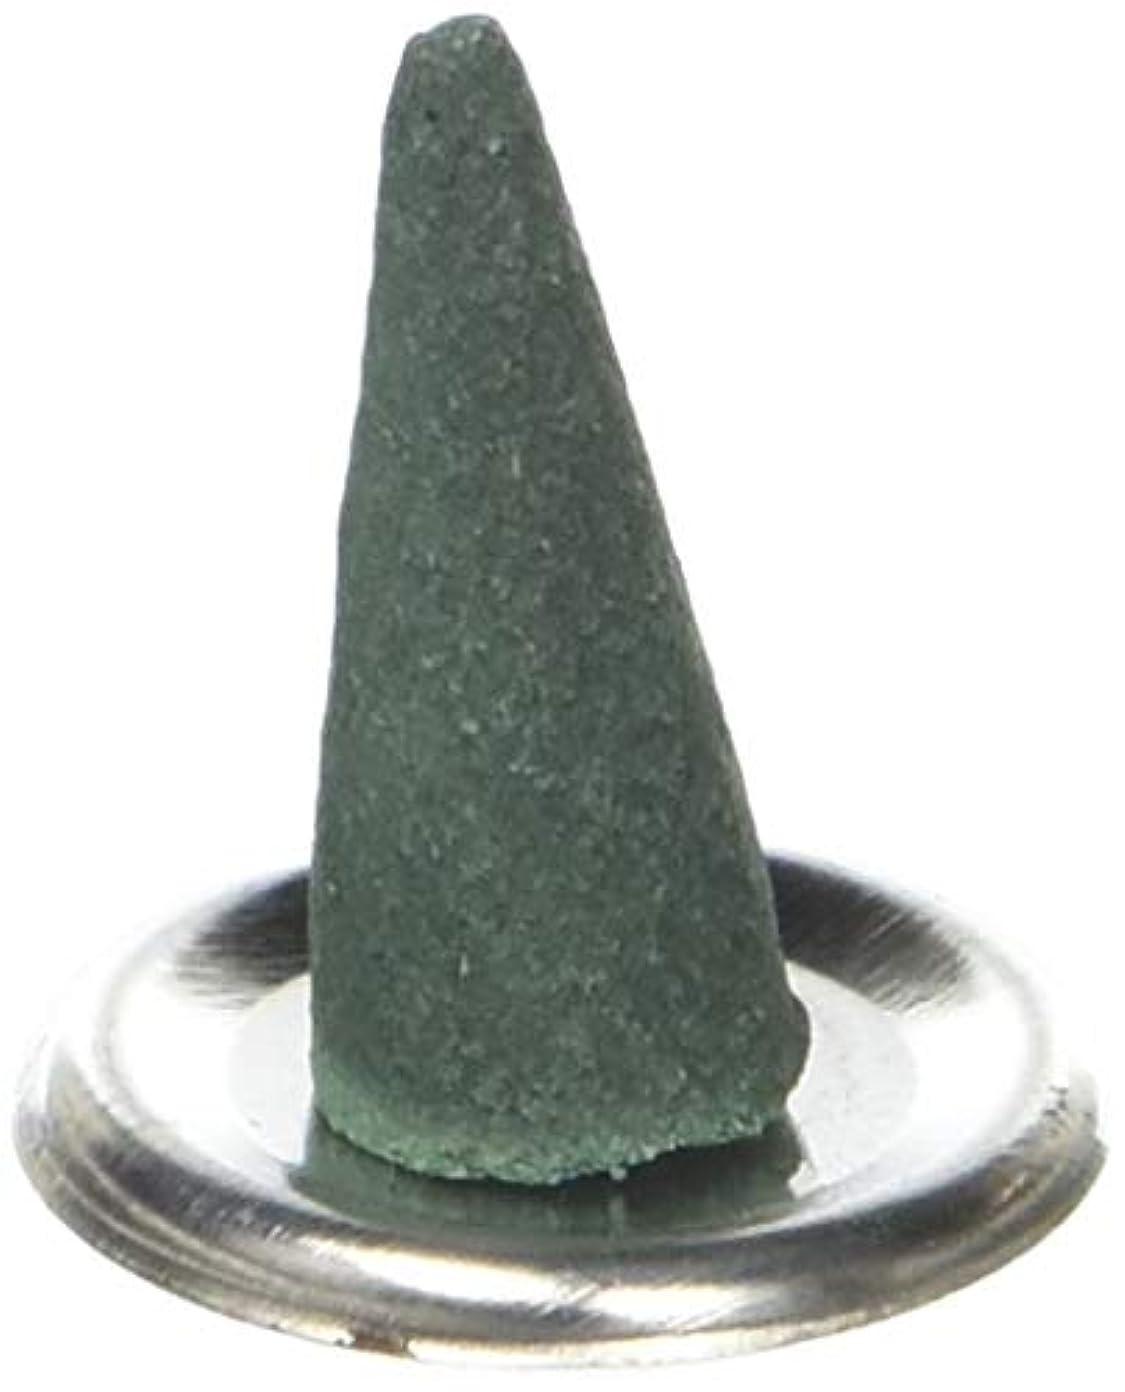 かんがい長老再編成するアロマセラピーHosley Highly Fragranced Spiritual Incense Cones 180パック、Infused with Essential Oils。結婚の理想は、特別なイベント、アロマセラピー...